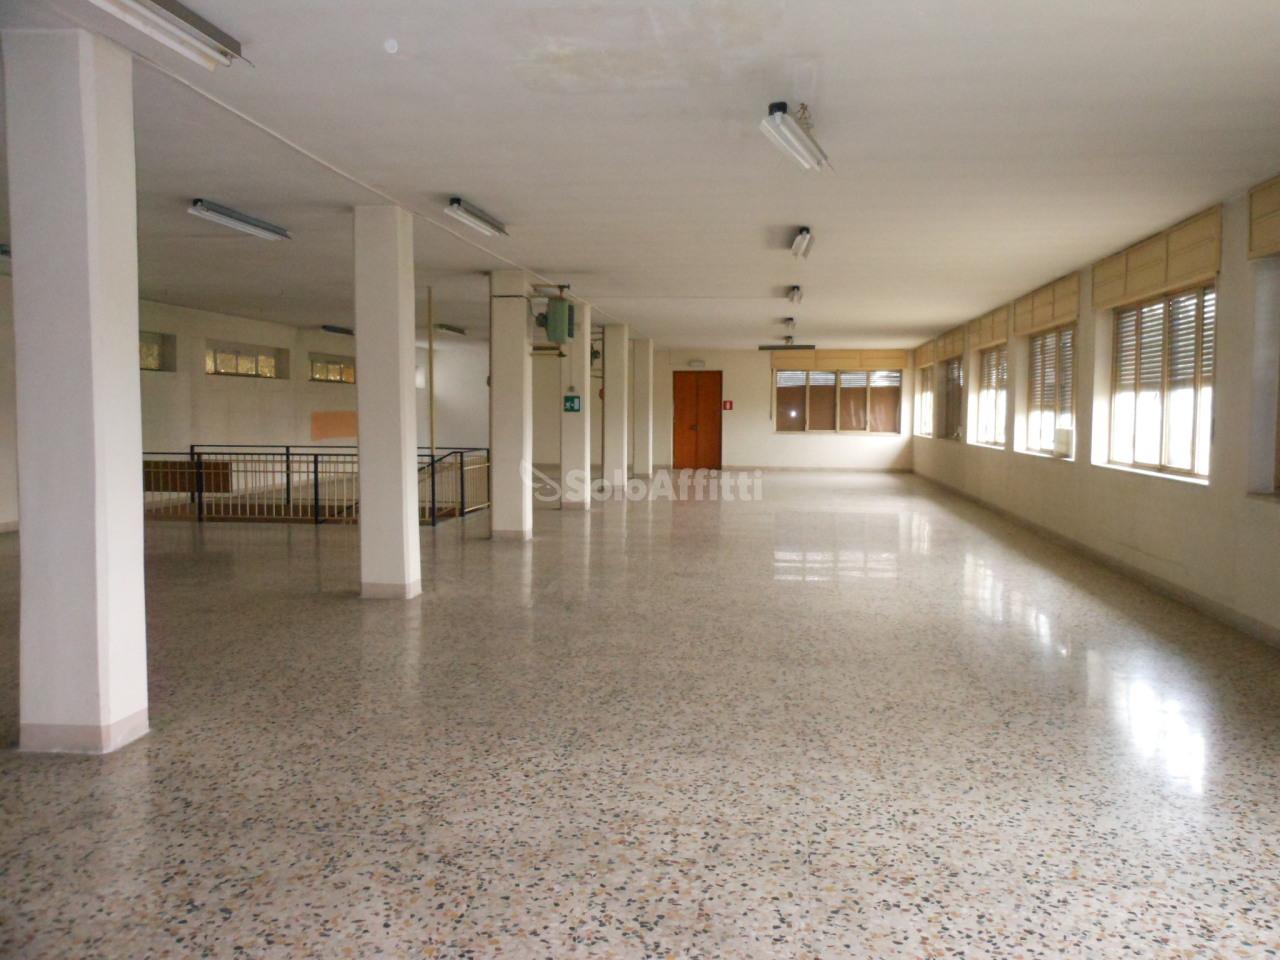 Fondo/negozio - Oltre 5 vetrine/luci a Caselle Torinese Rif. 8169817